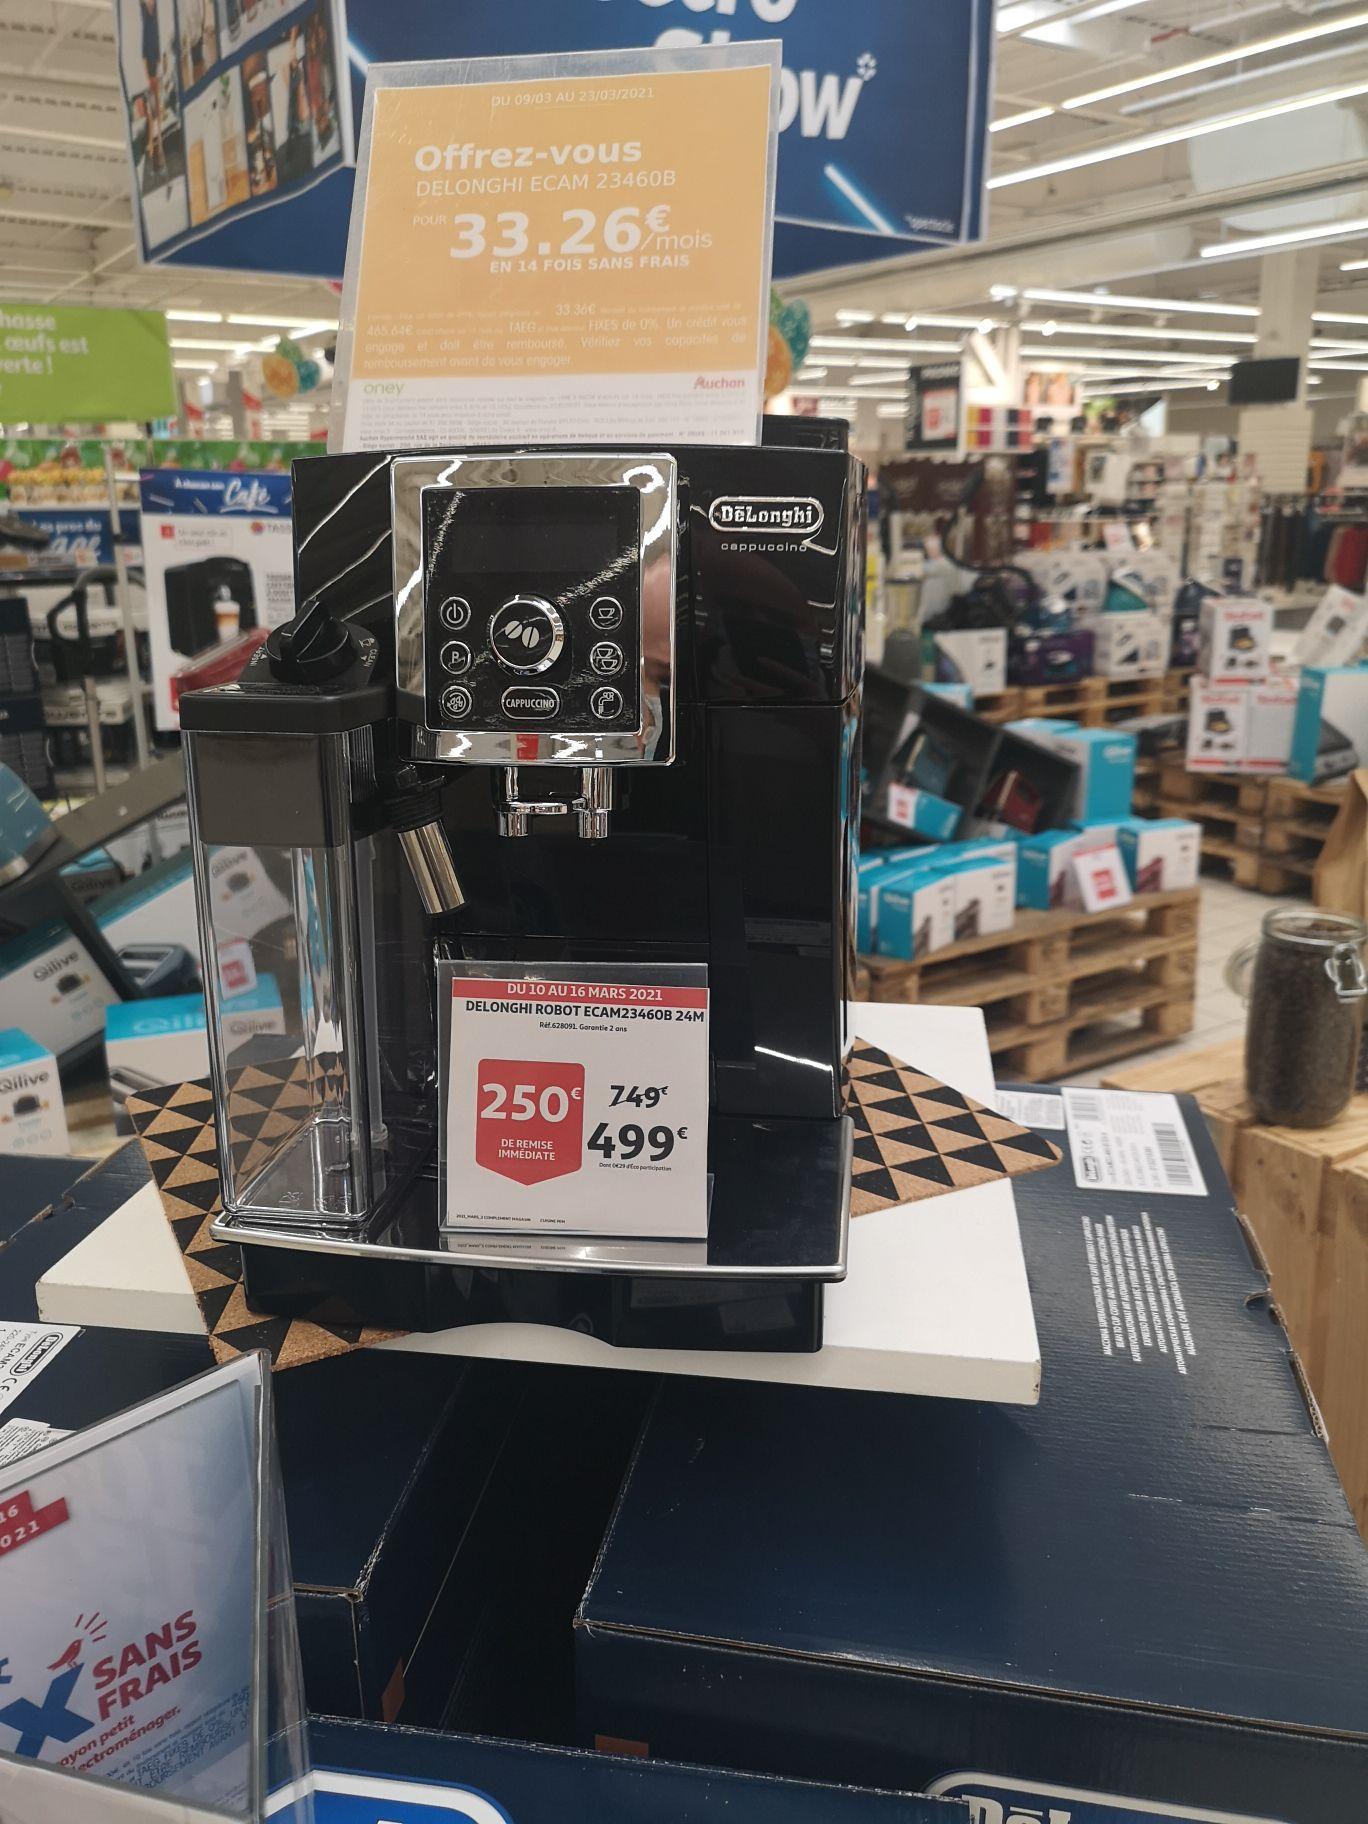 Machine à café Delonghi Robot Ecam 23460B 24M - Auchan Biganos (33) - 14 fois sans frais